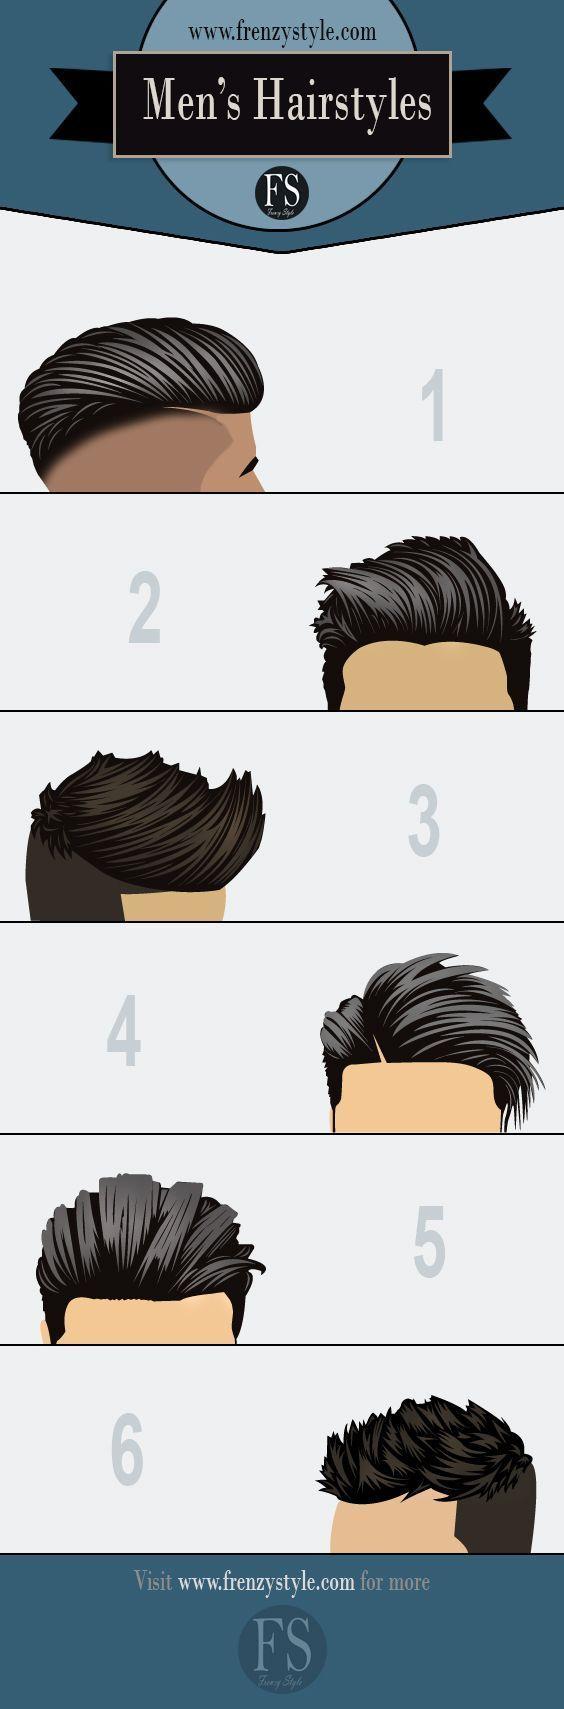 6 Beliebte Herrenfrisuren und -haarschnitte sowie die Produkte, aus denen sie he…